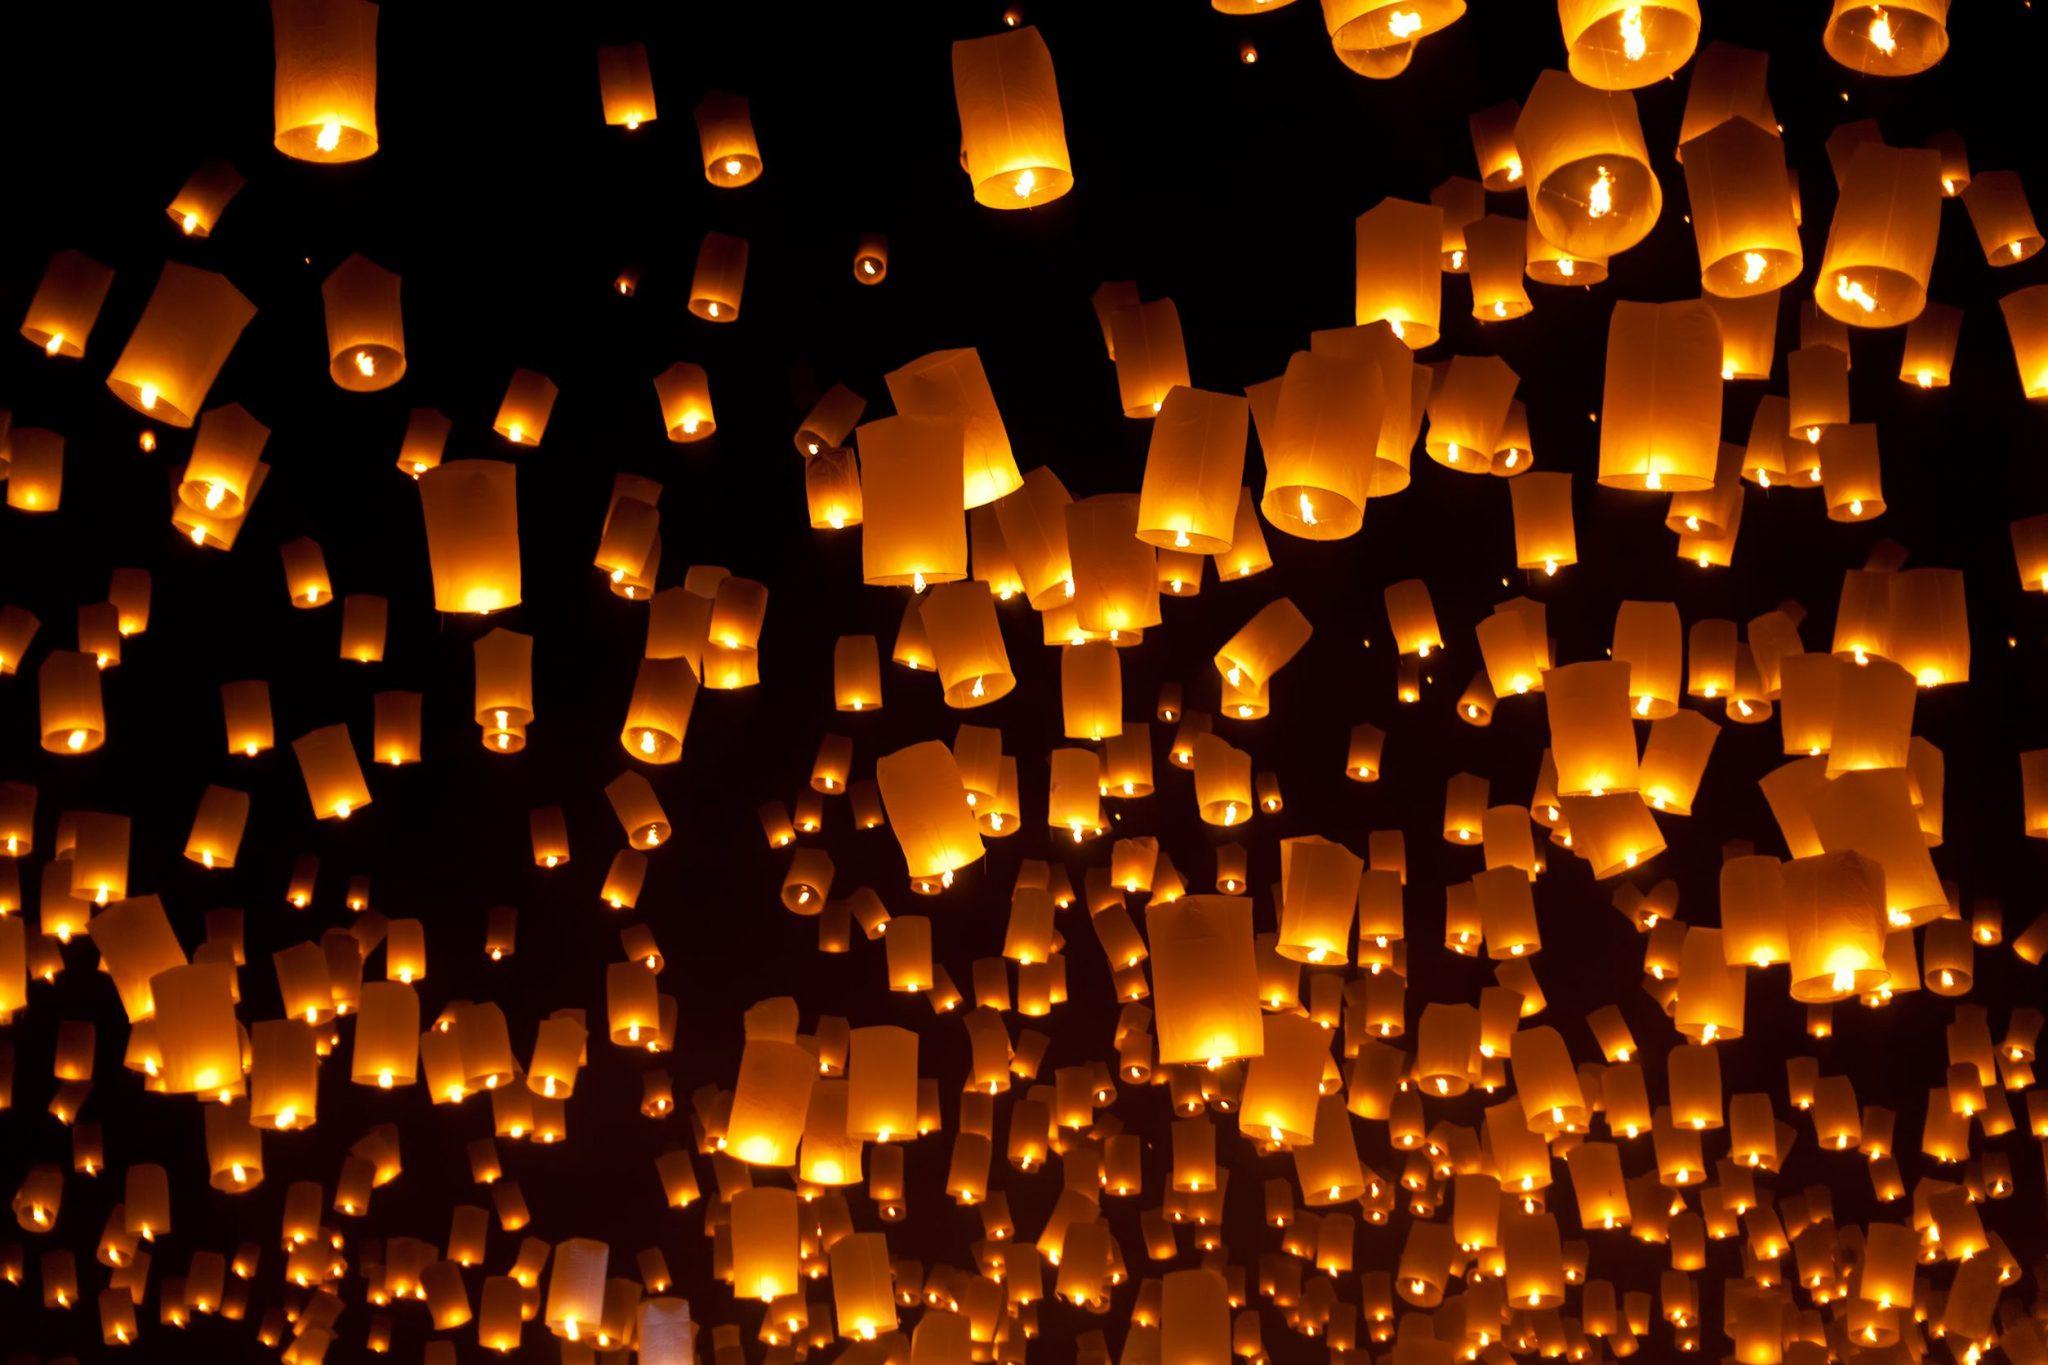 Butter-Lamp-Festival